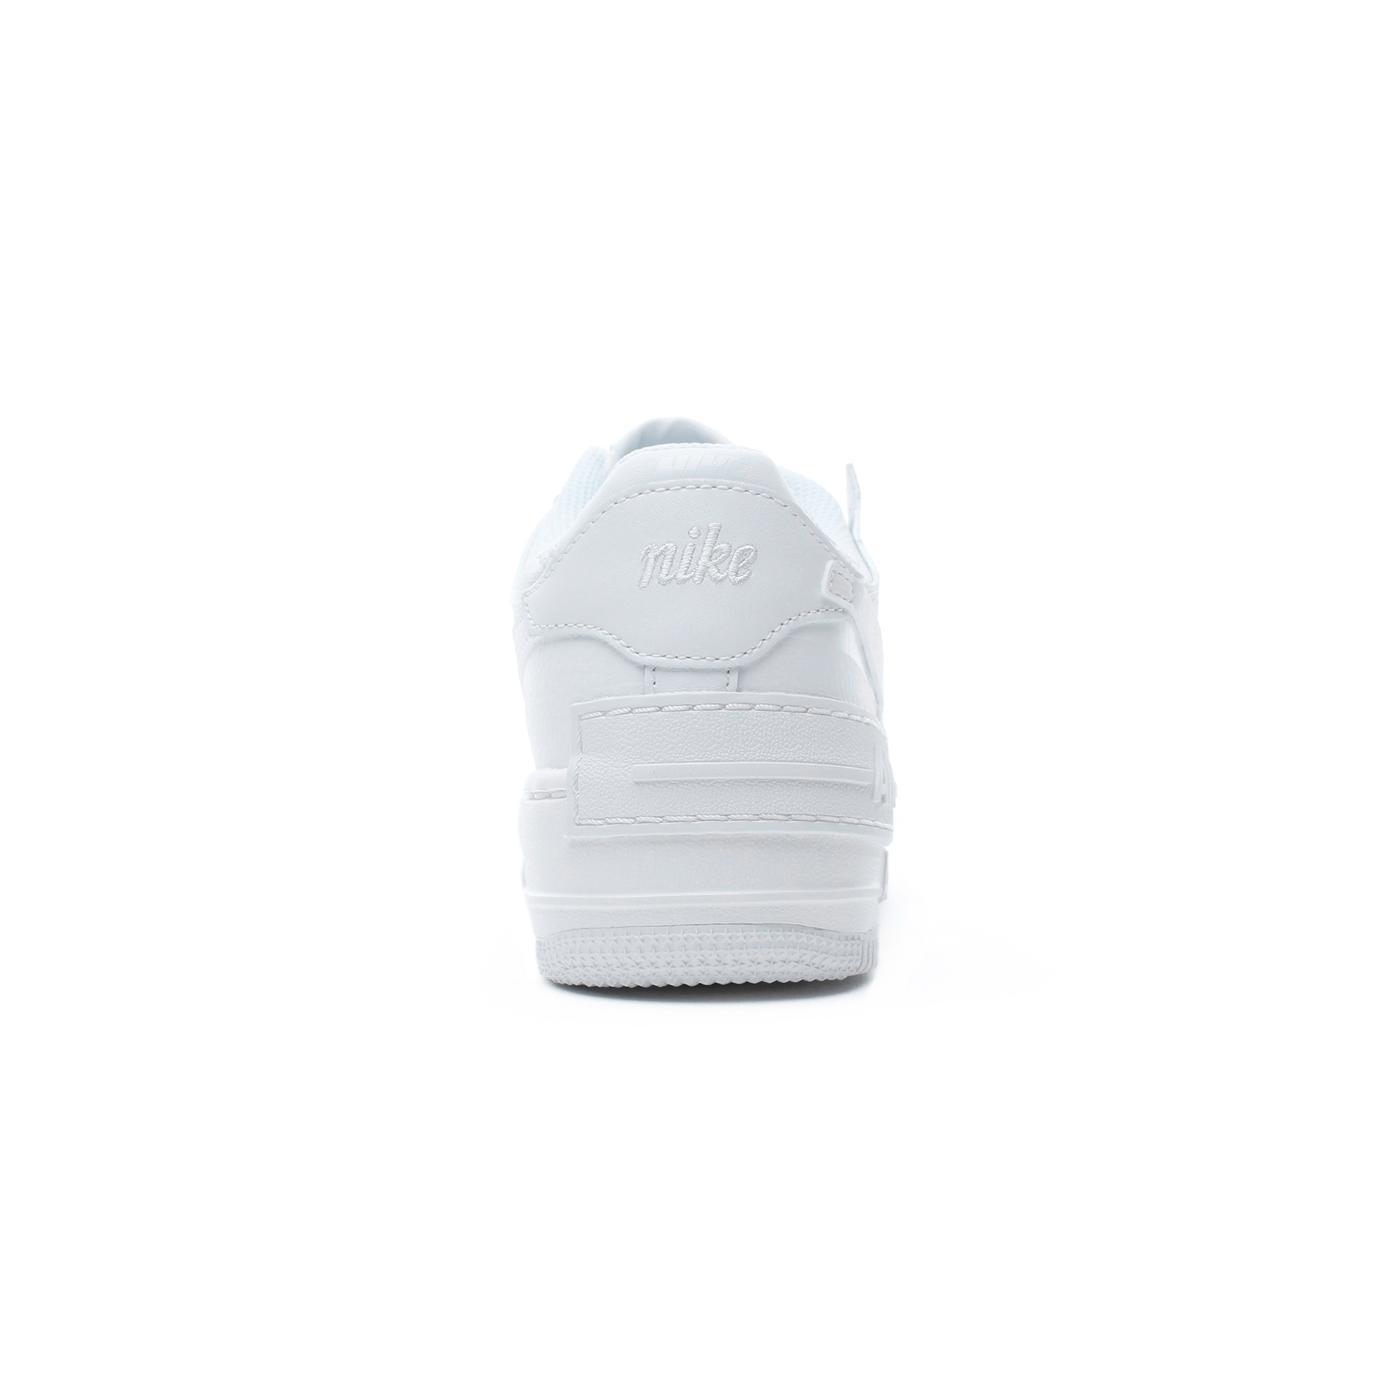 Nike AF1 Shadow Beyaz Kadın Spor Ayakkabı